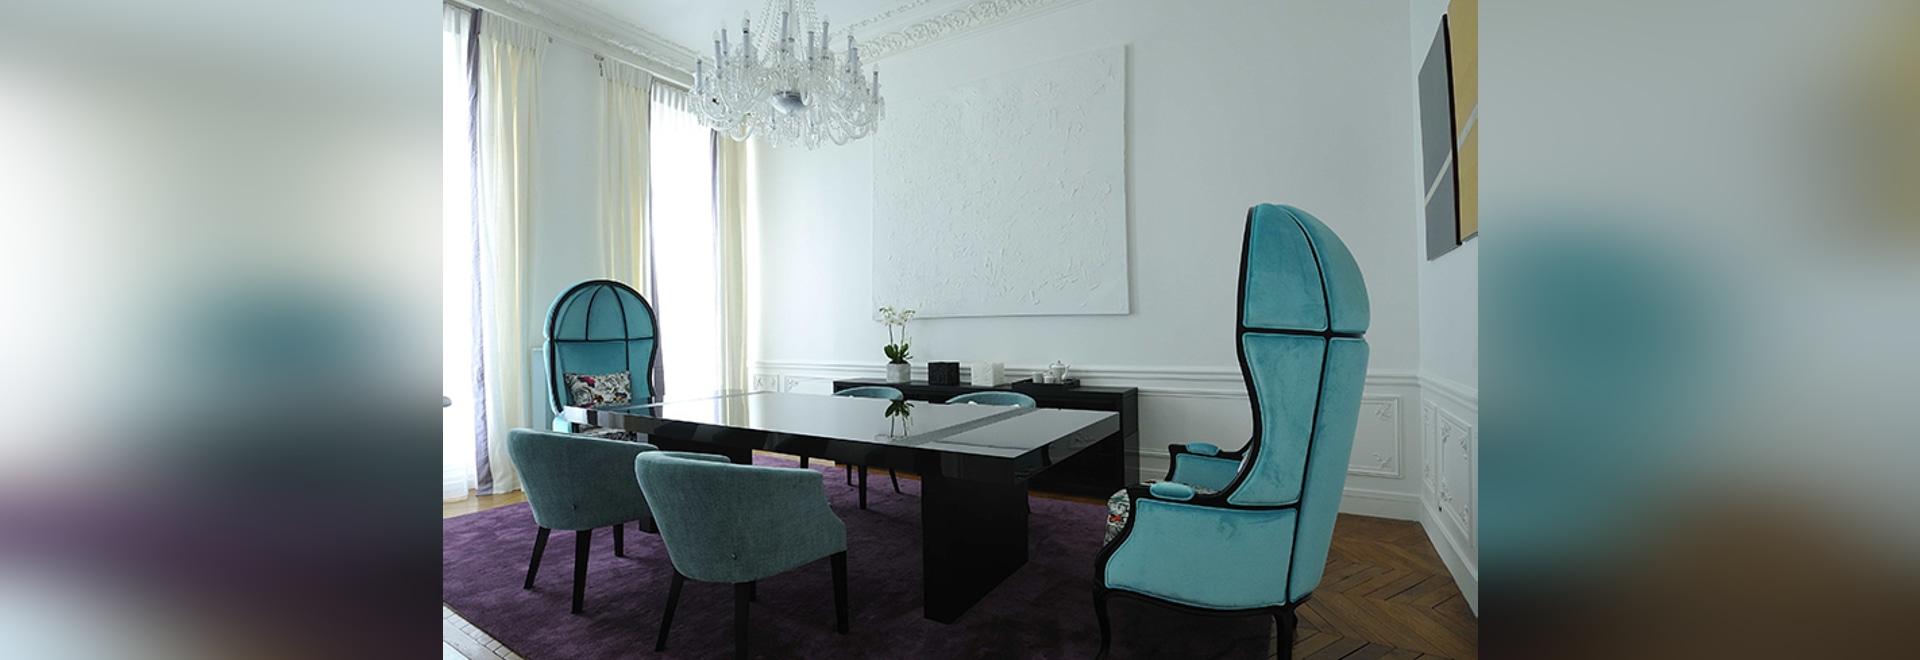 Art Chic Apartment à Paris a conçu par conception de PFB et meublé par BRABBU